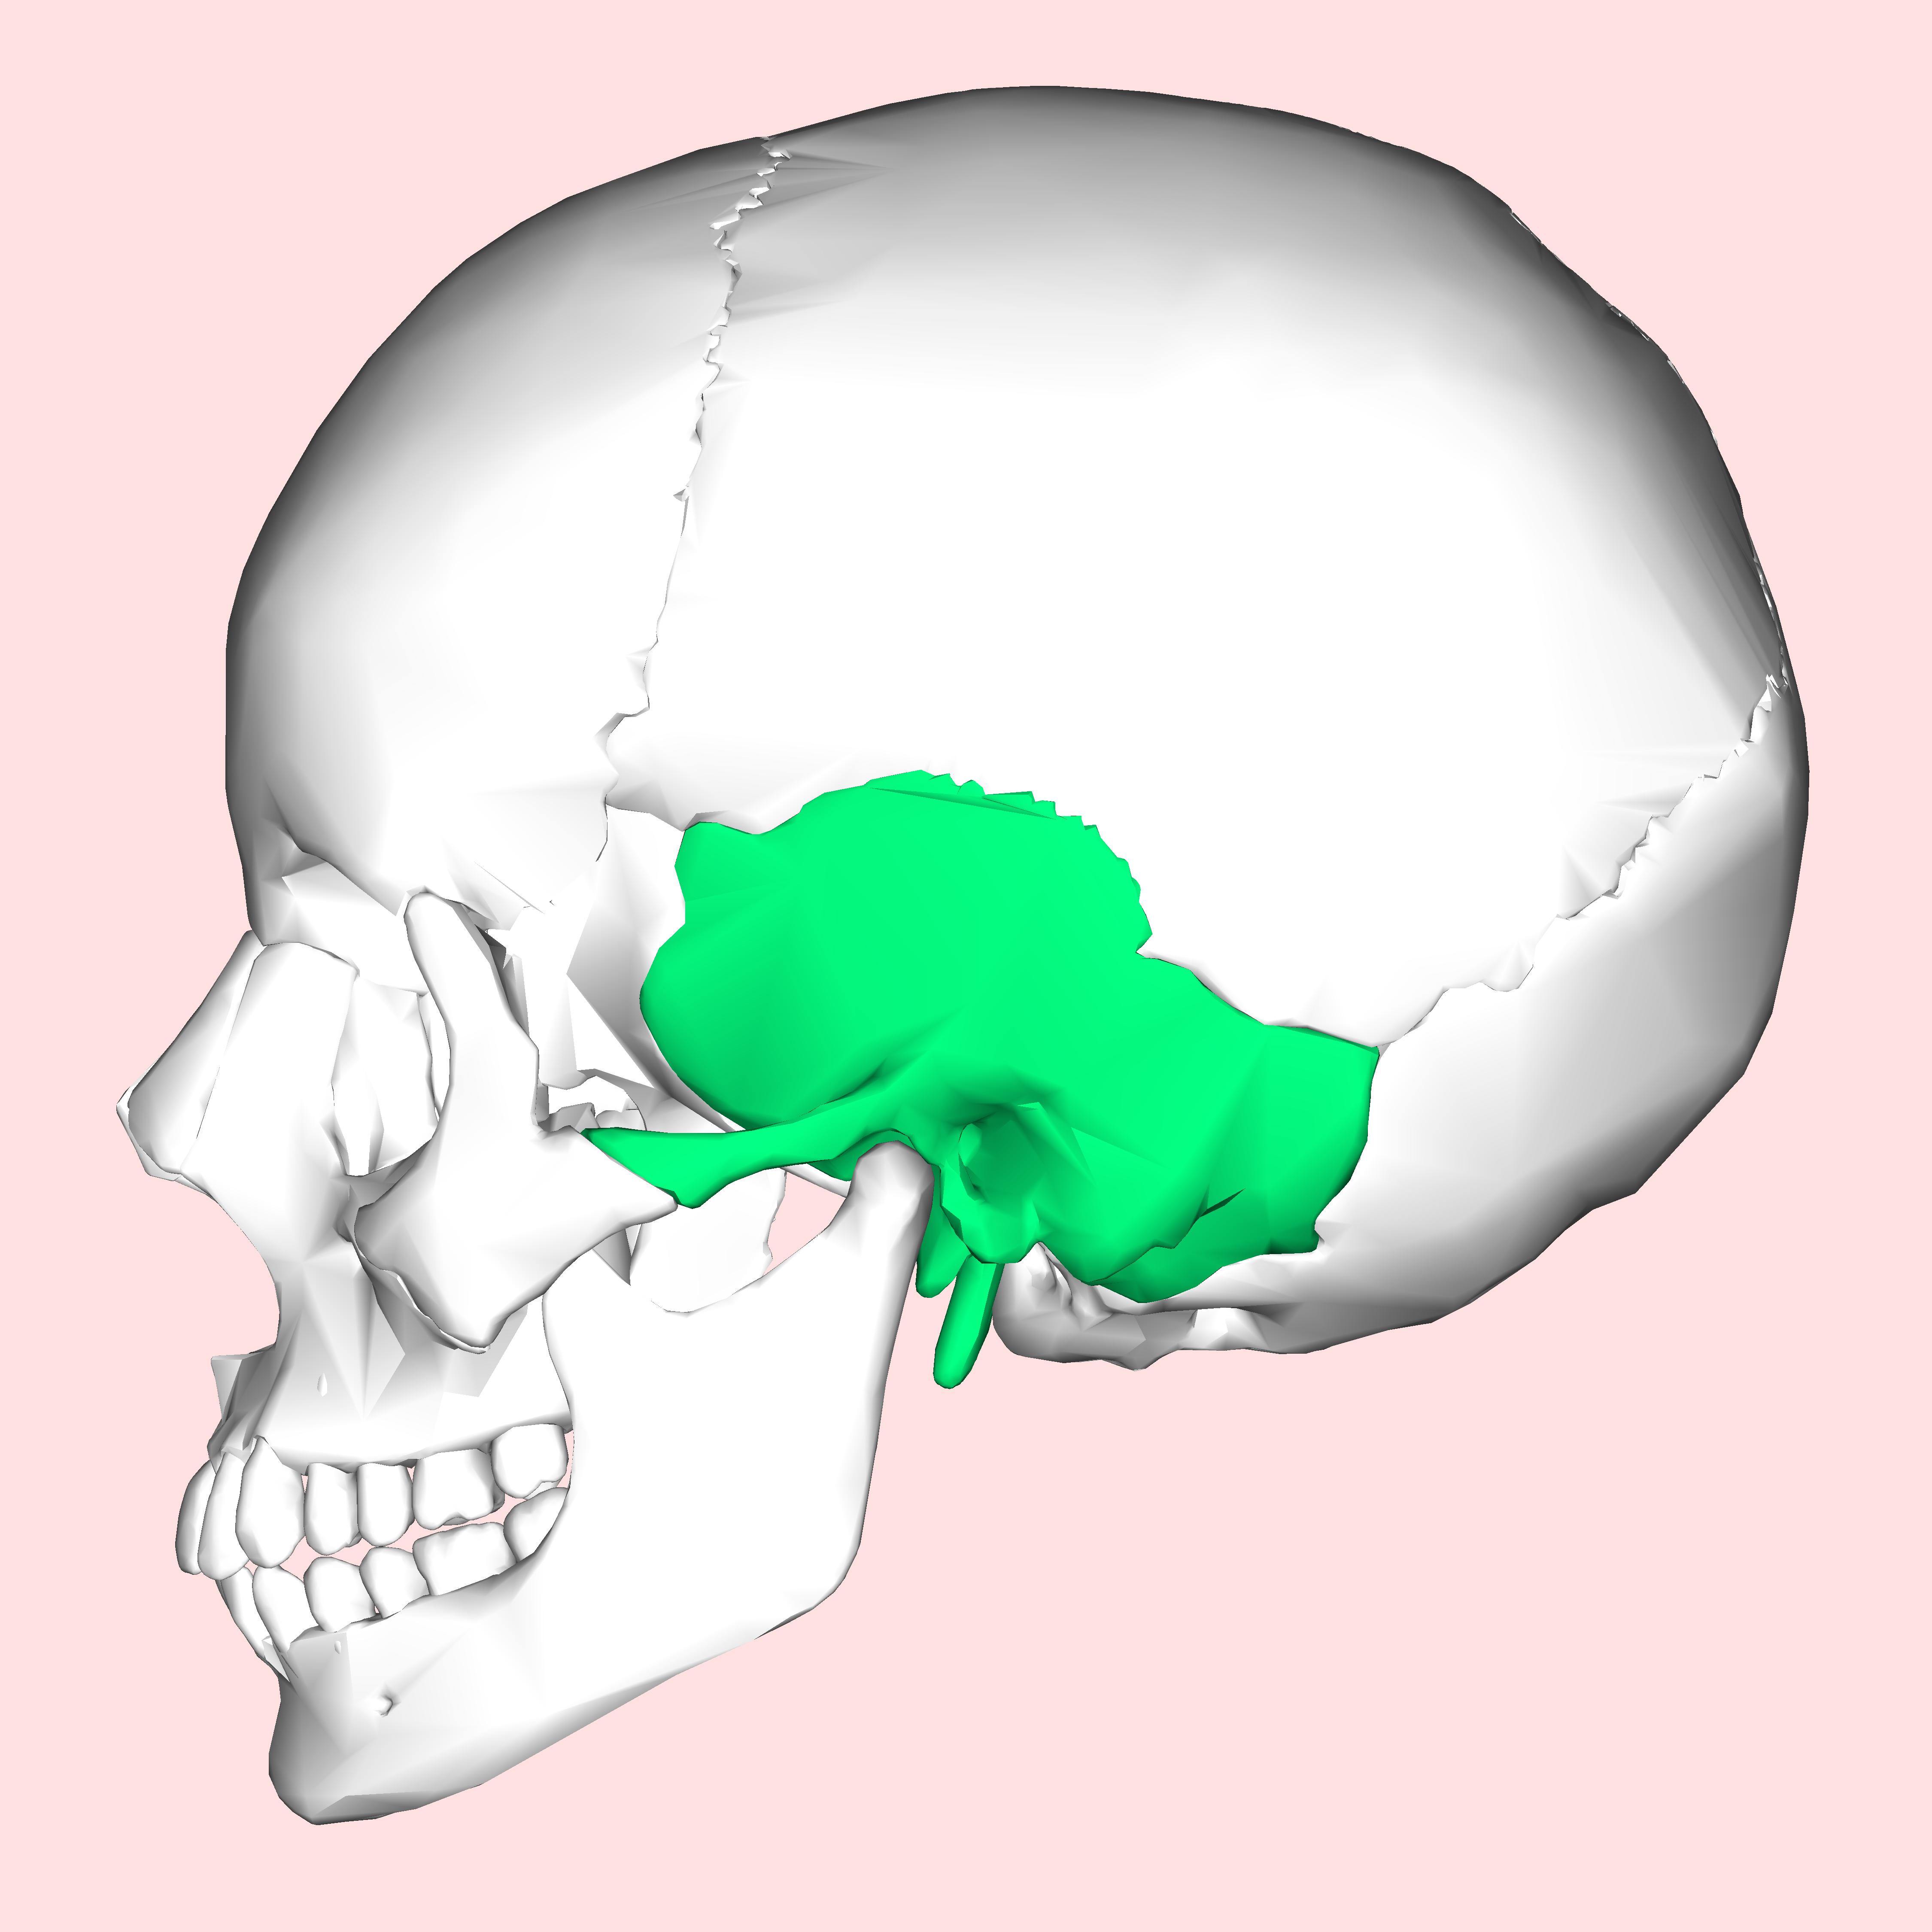 Temporal bone - Wikipedia